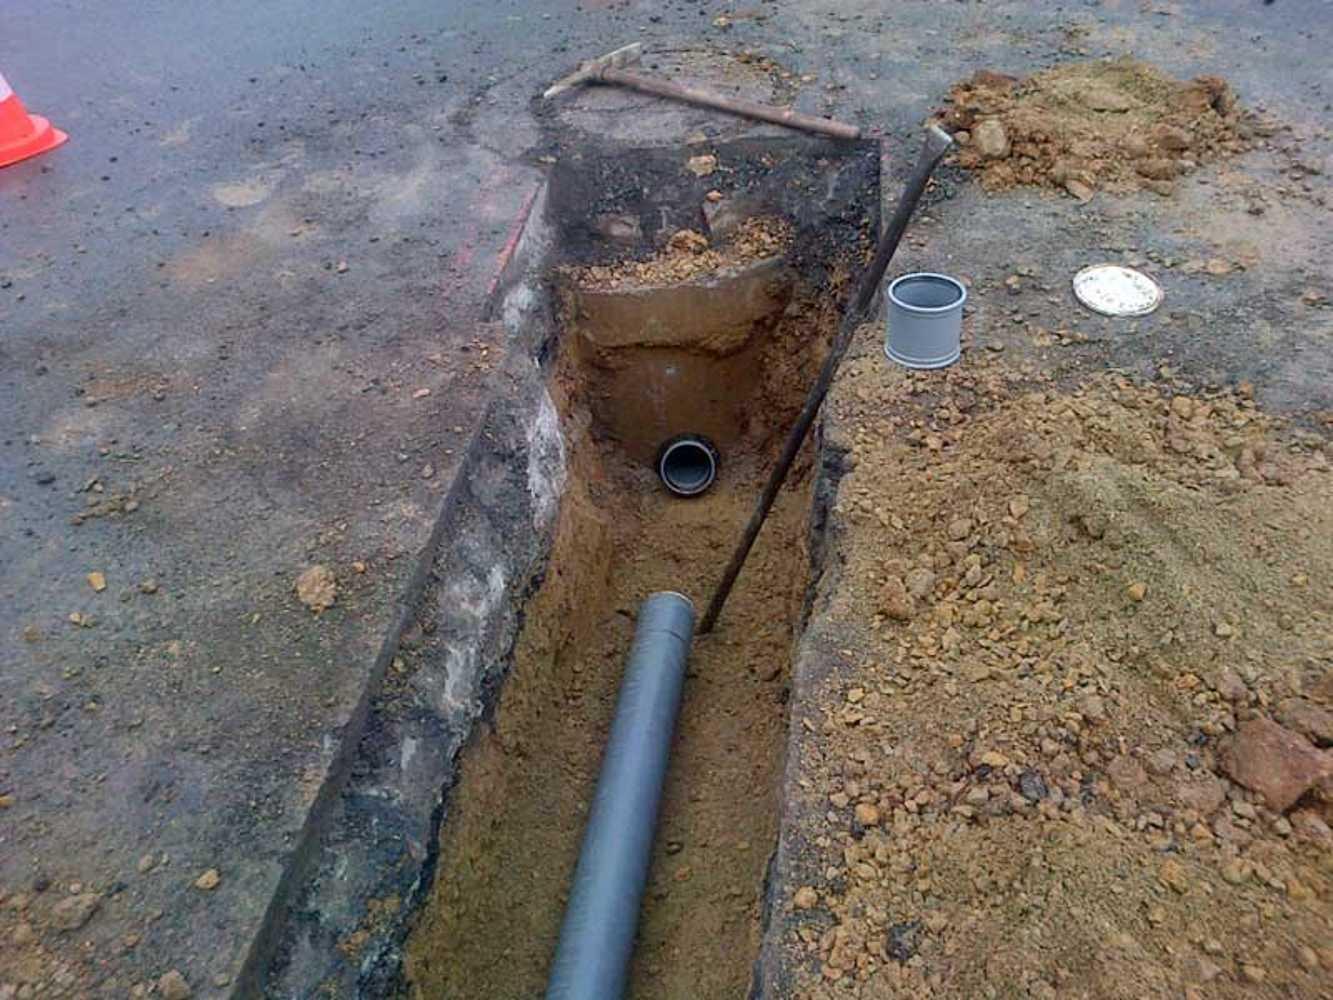 Raccordements aux réseaux publics des eaux usées et pluviales 0